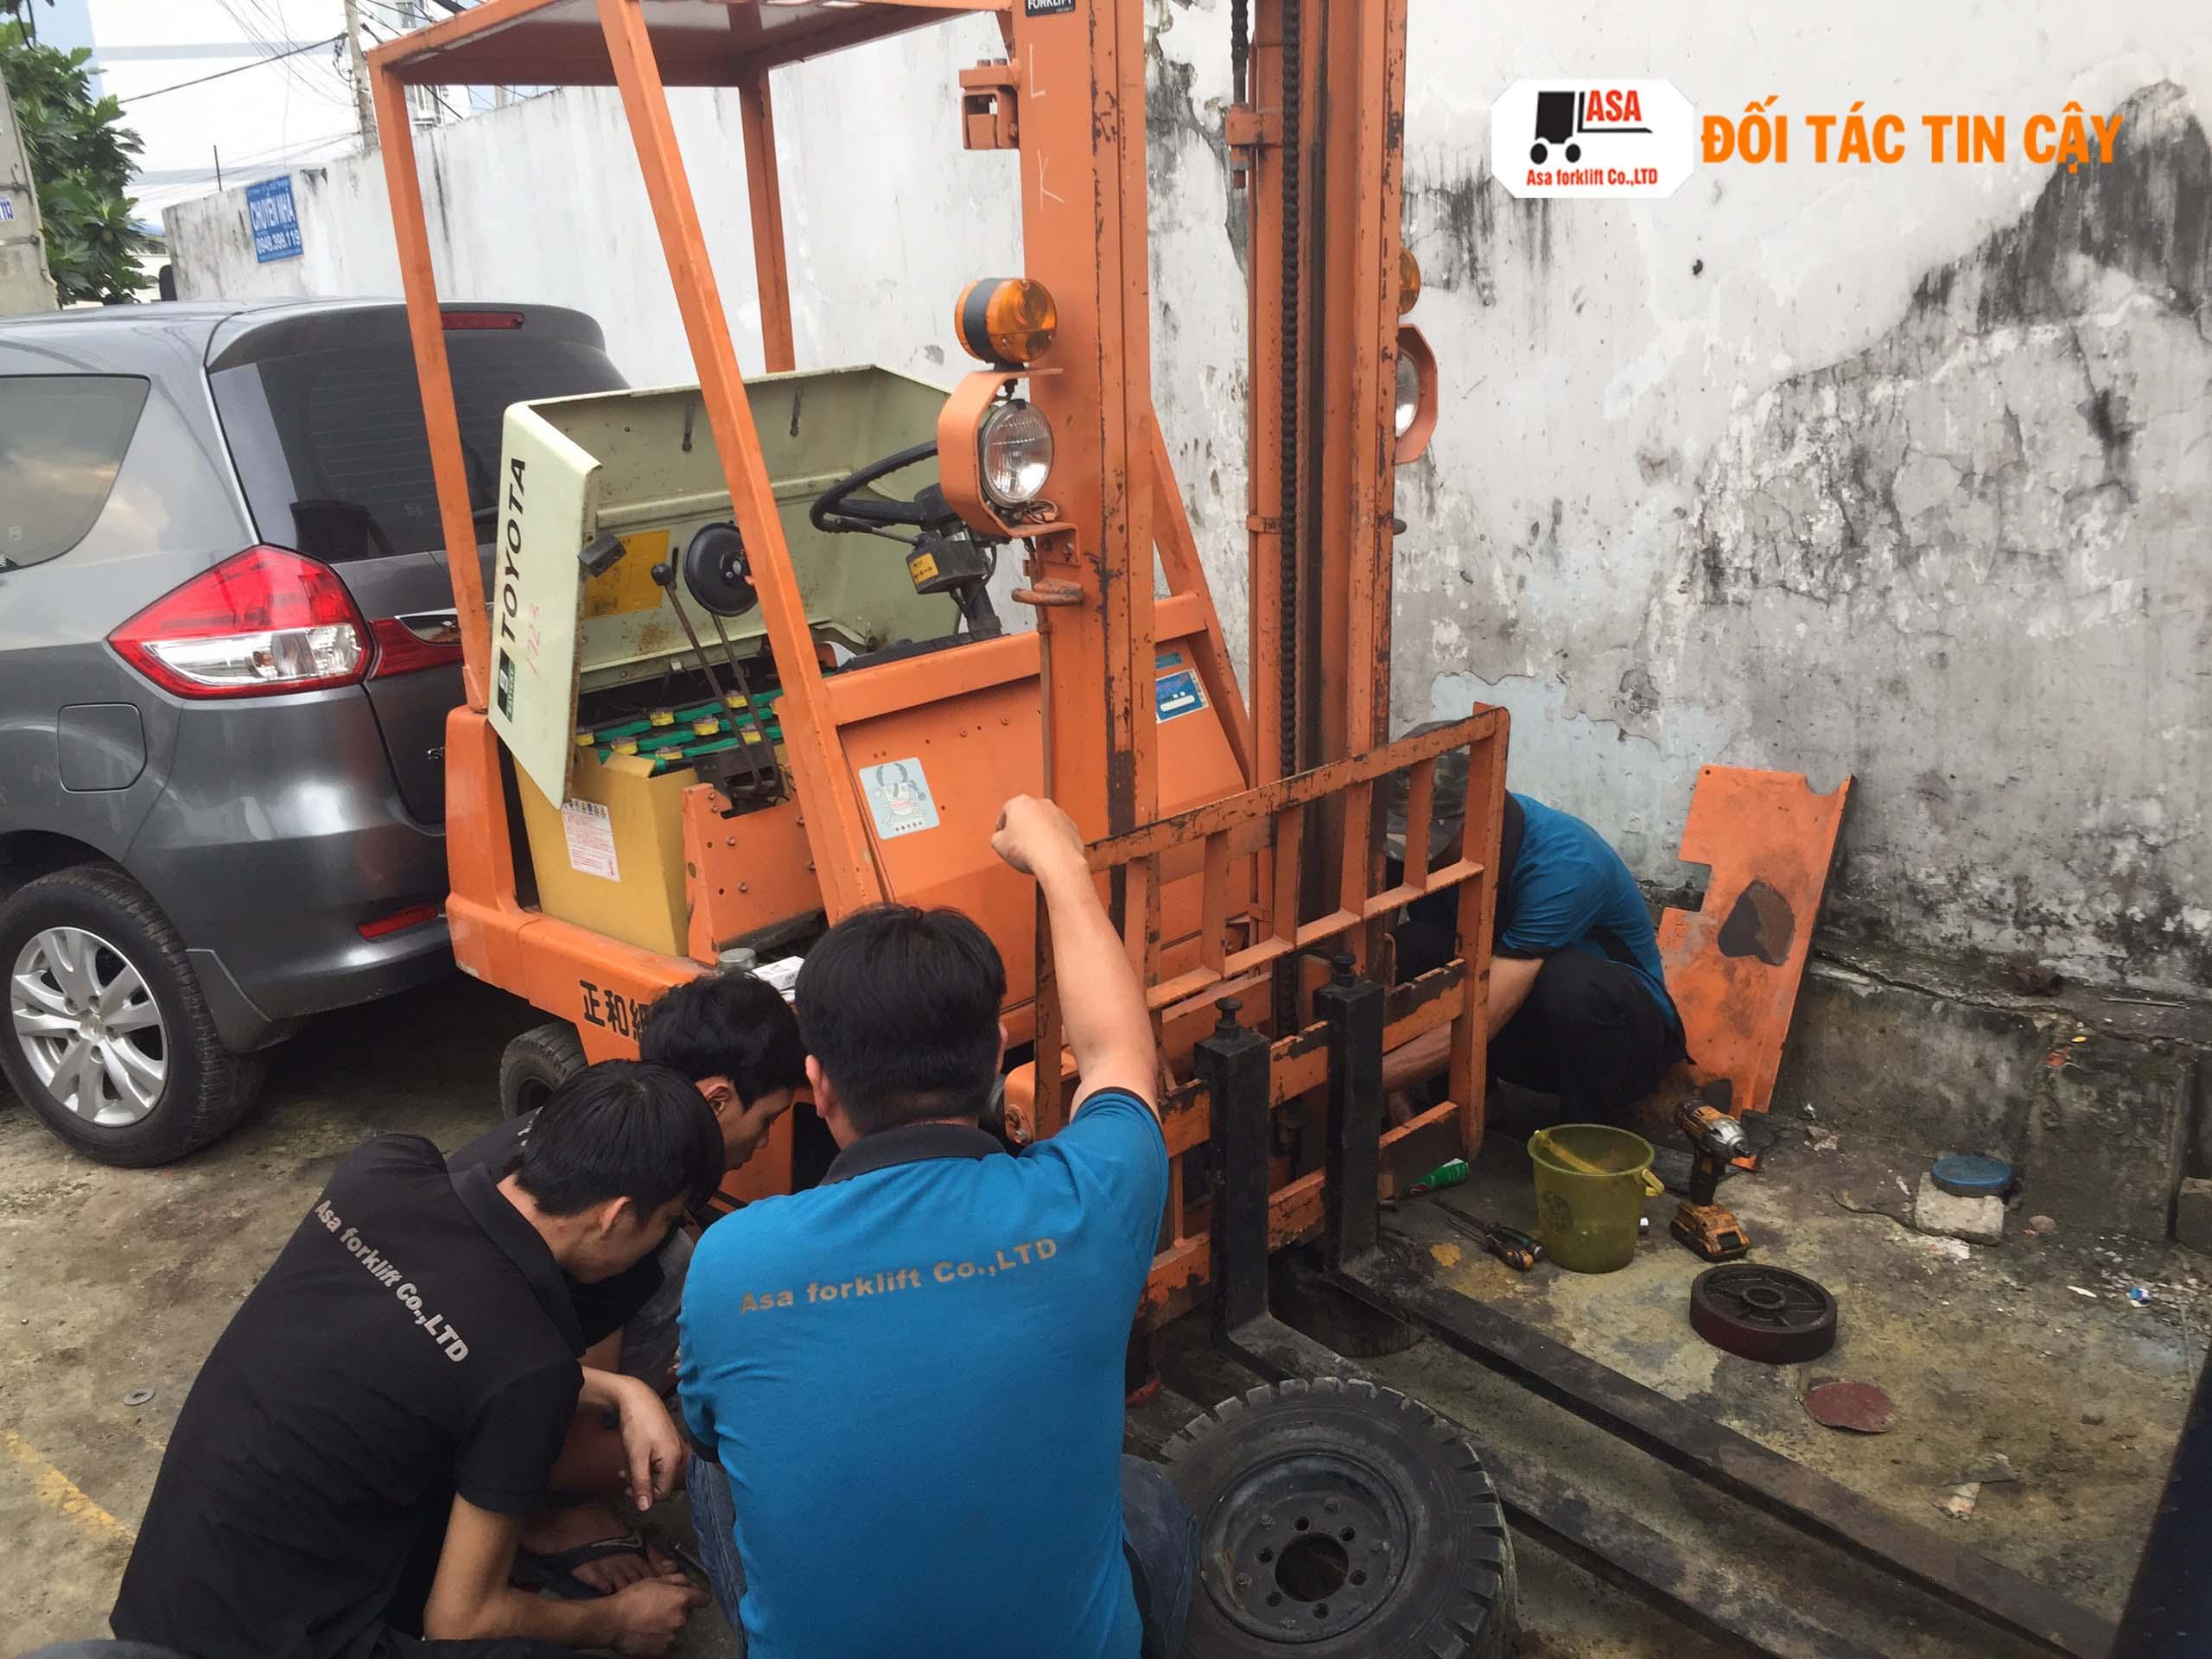 Asa cung cấp dịch vụ sửa xe nâng điện tại TP. HCM